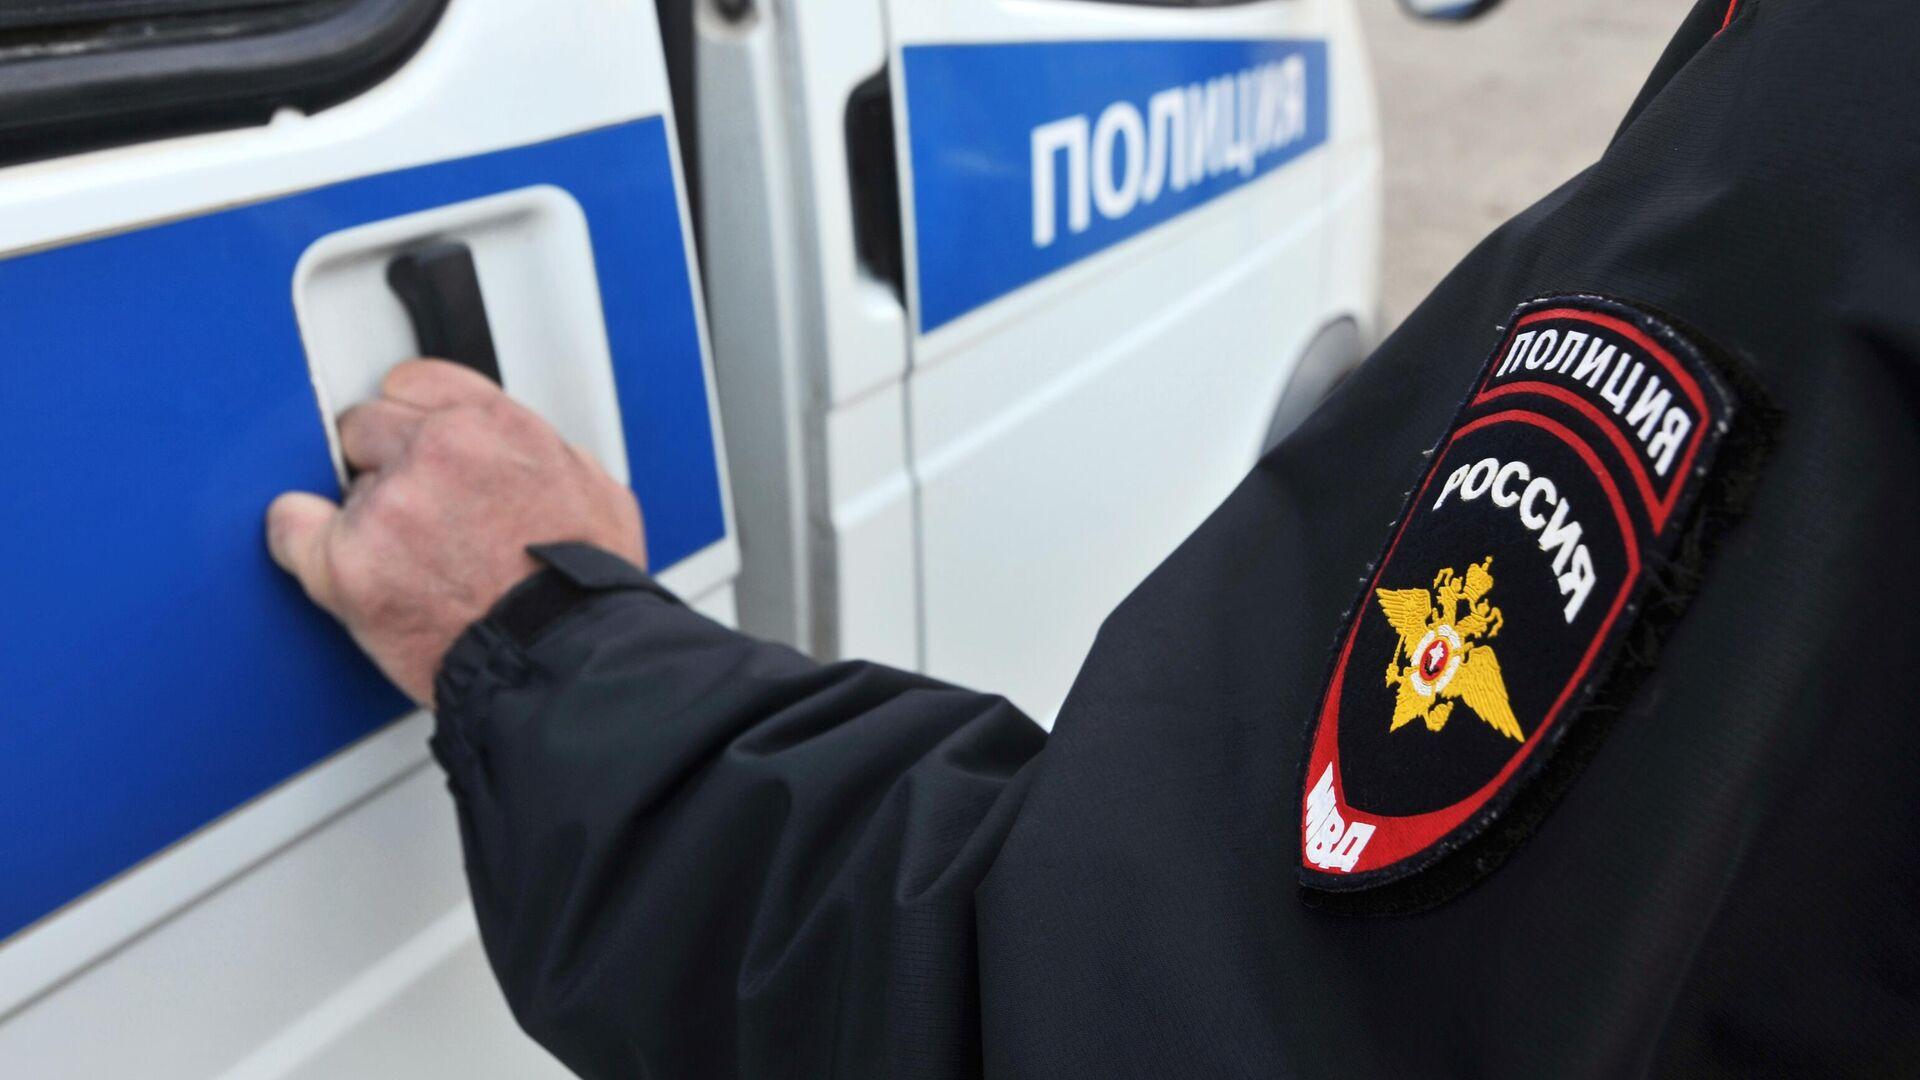 Сотрудник полиции - РИА Новости, 1920, 23.09.2020